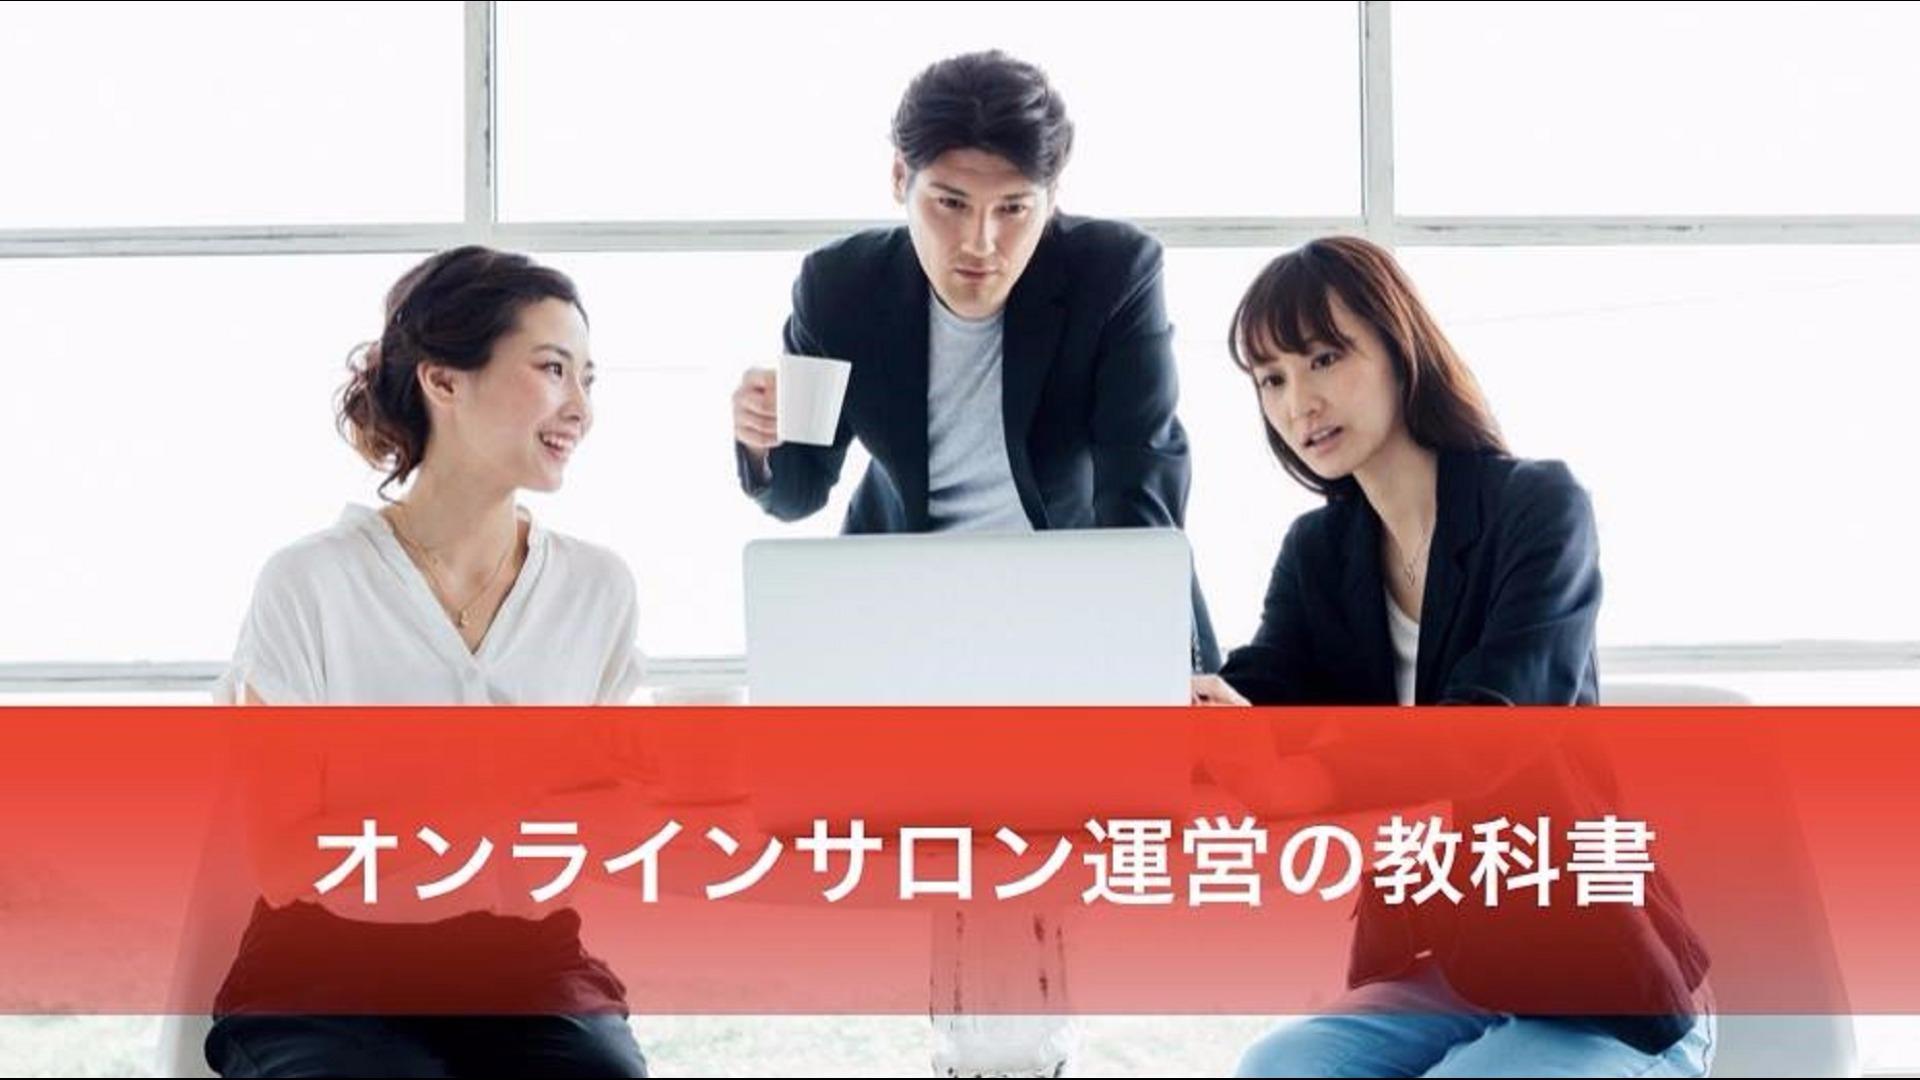 中里桃子 - オンラインサロン運営の教科書 - DMM オンラインサロン